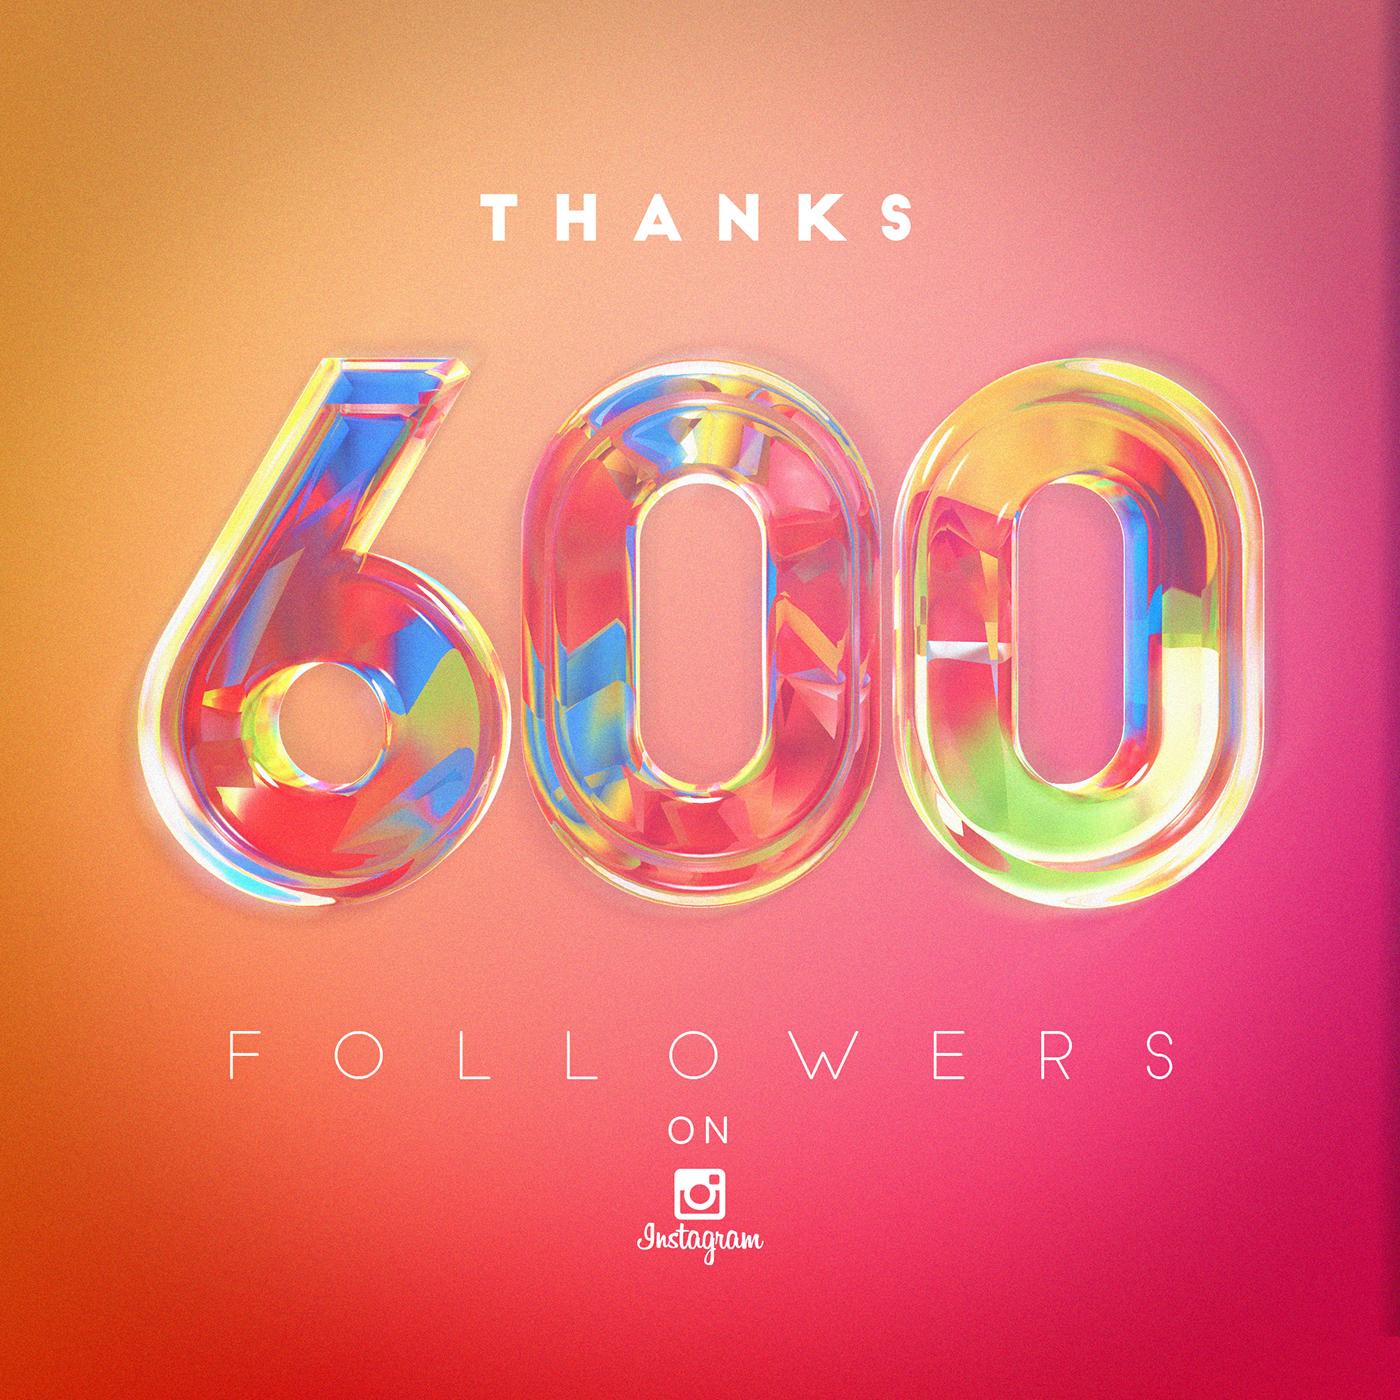 600 followers on instagram on behance 600 Followers On Instagram On Behance